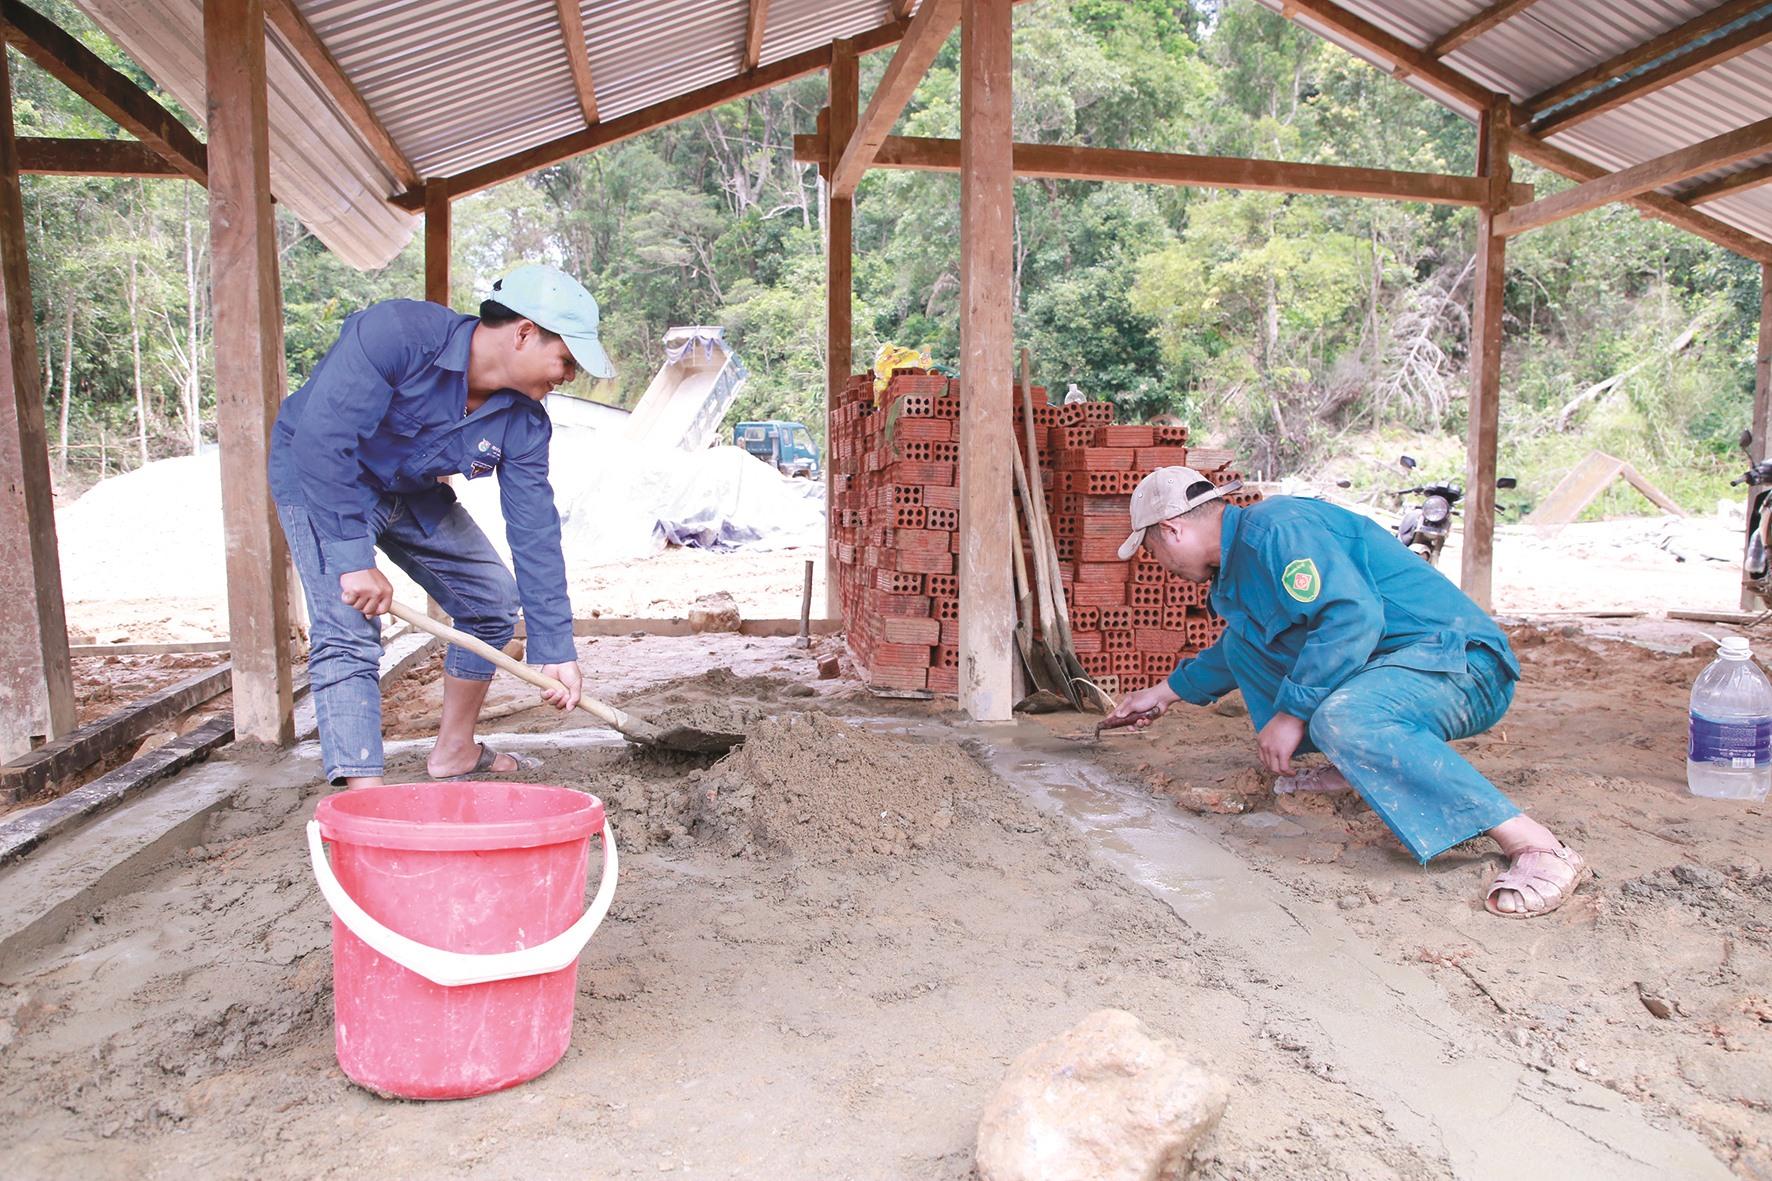 Cán bộ xã được huy động vào giúp dân thôn 6 xã Phước Lộc, Phước Sơn dựng lại nhà mới. Ảnh: T.C